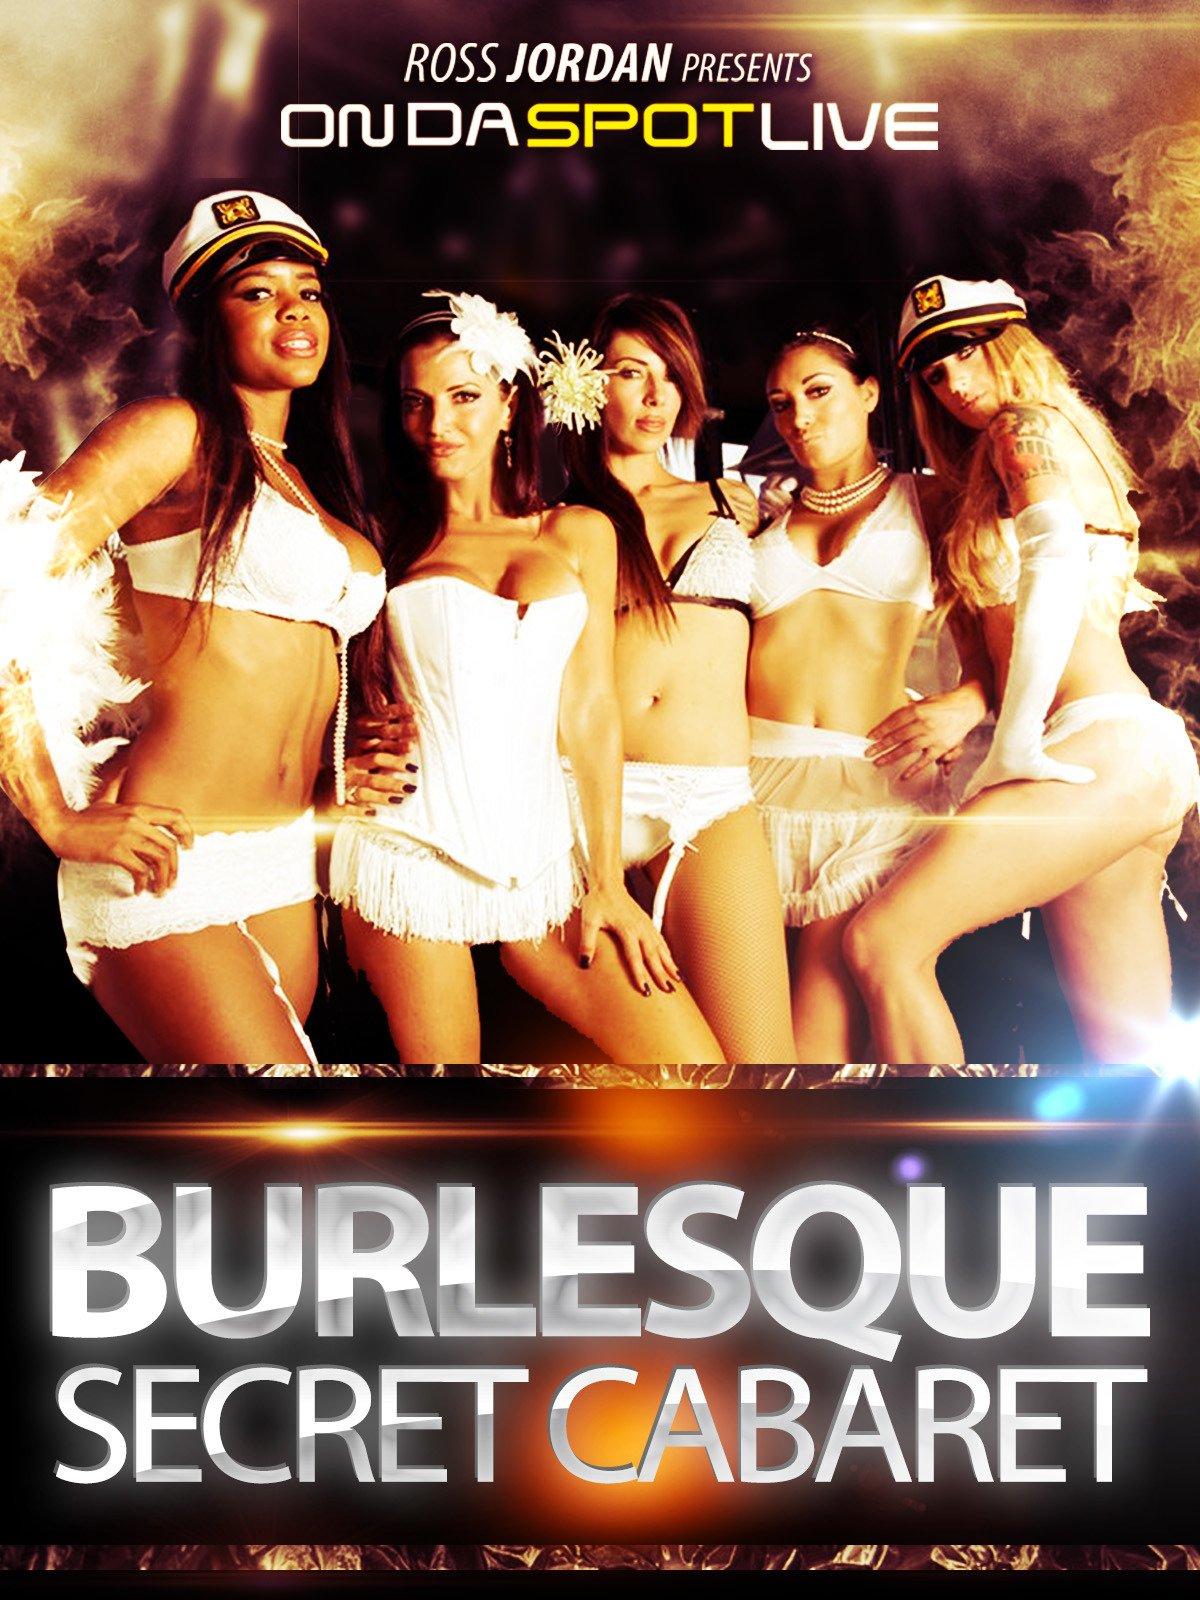 Burlesque the Secret Cabaret